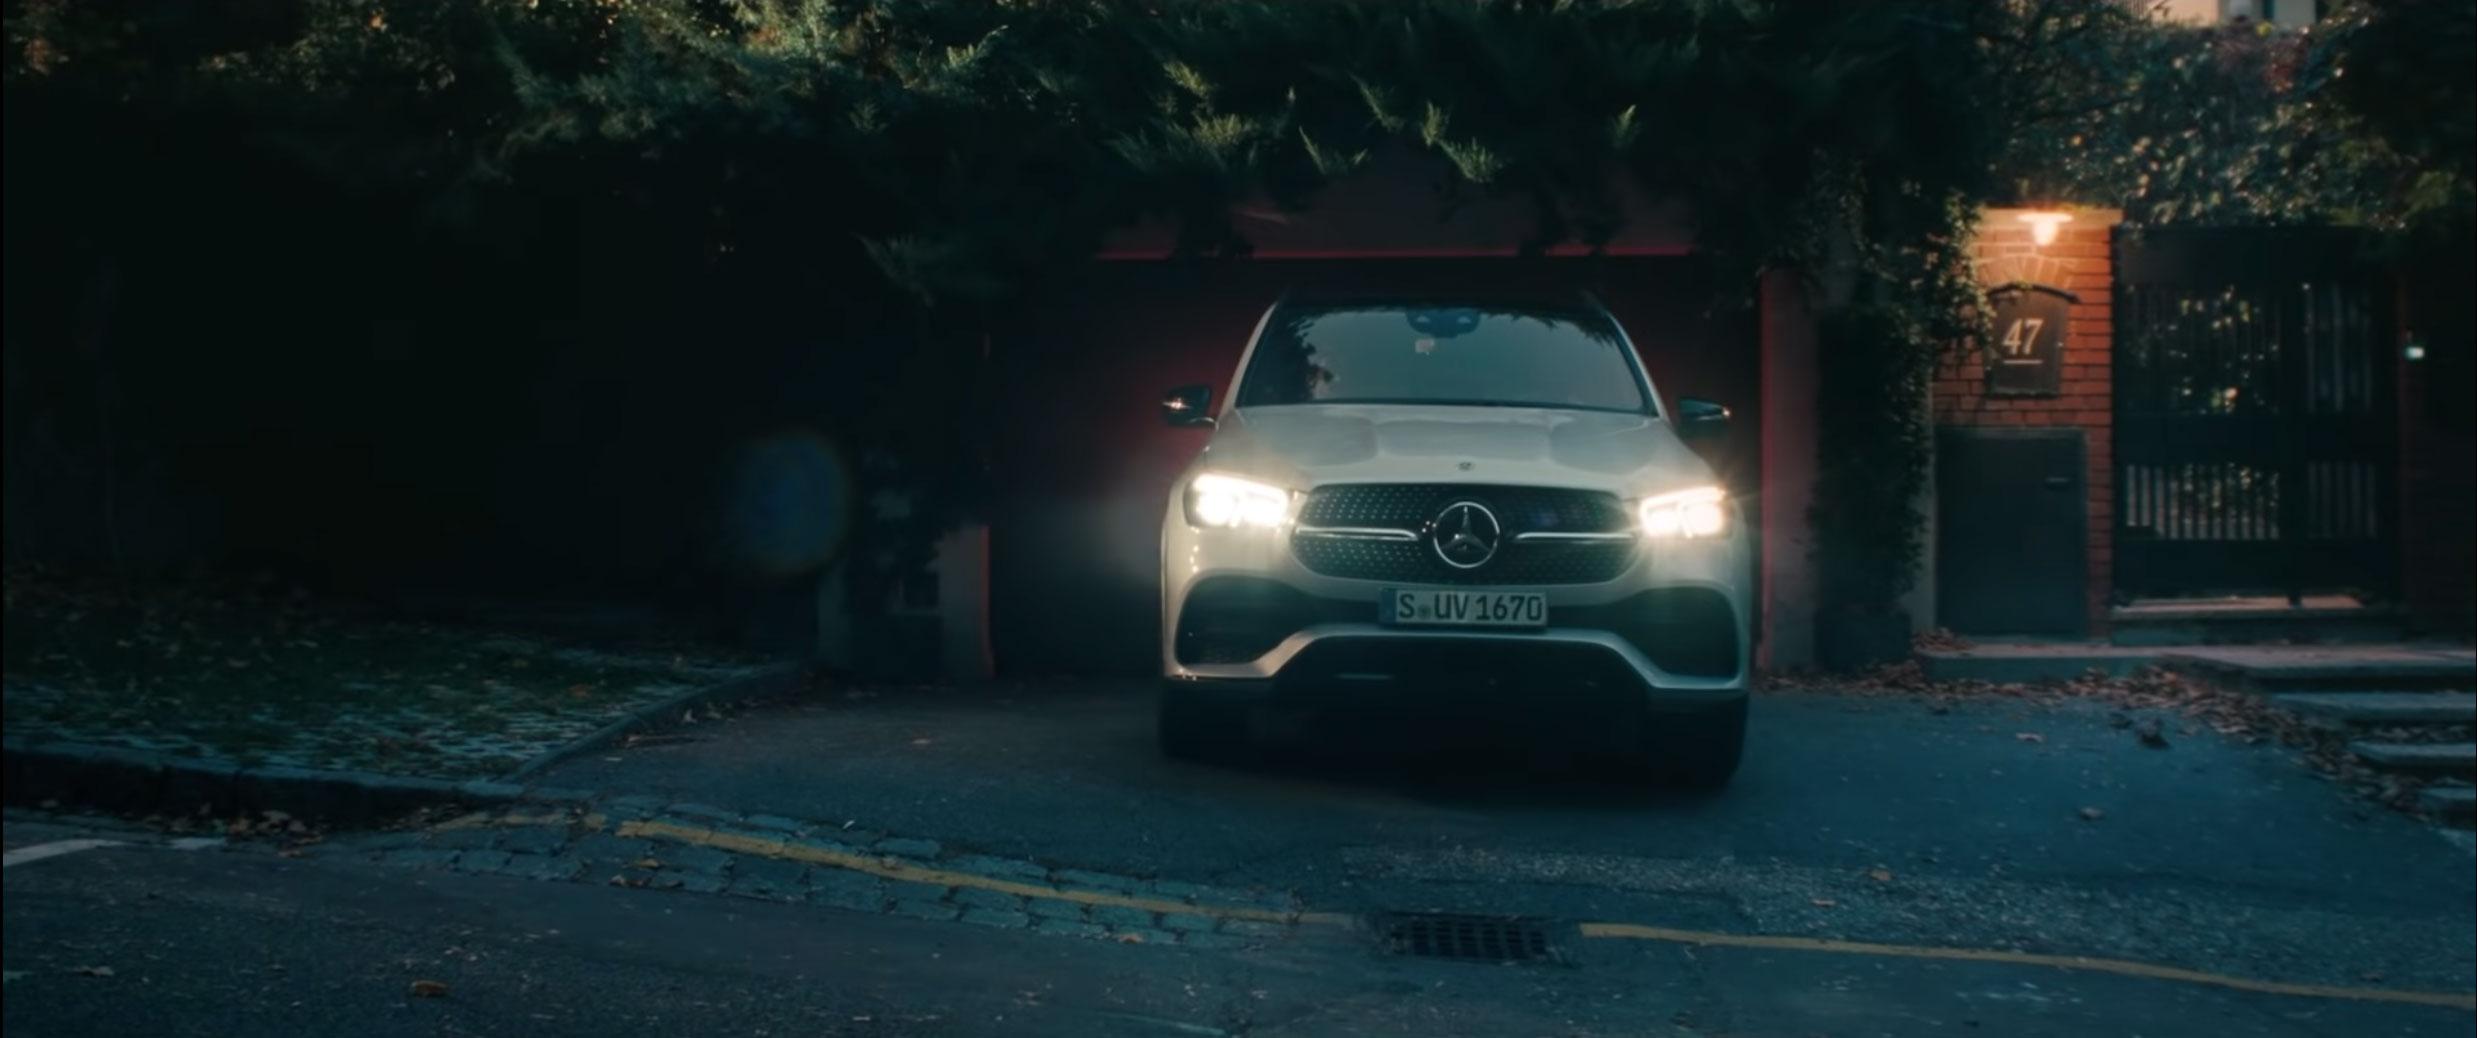 Нова кампанія Mercedes–Benz GLE: кожна подорож робить вас сильніше